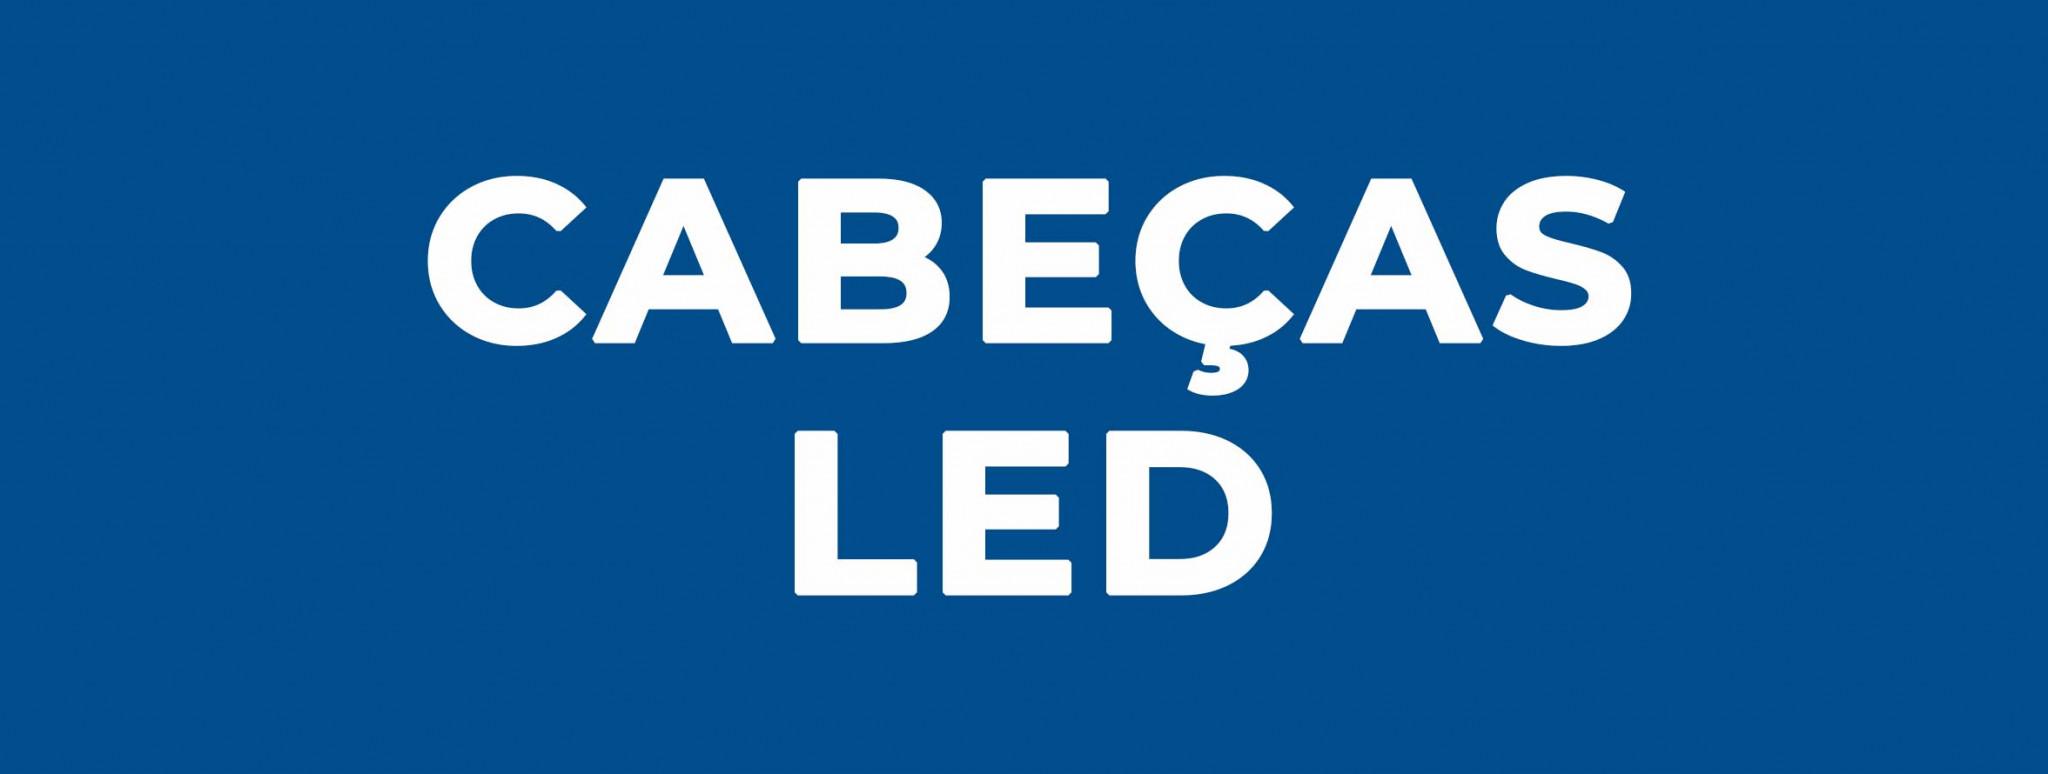 Cabeças LED